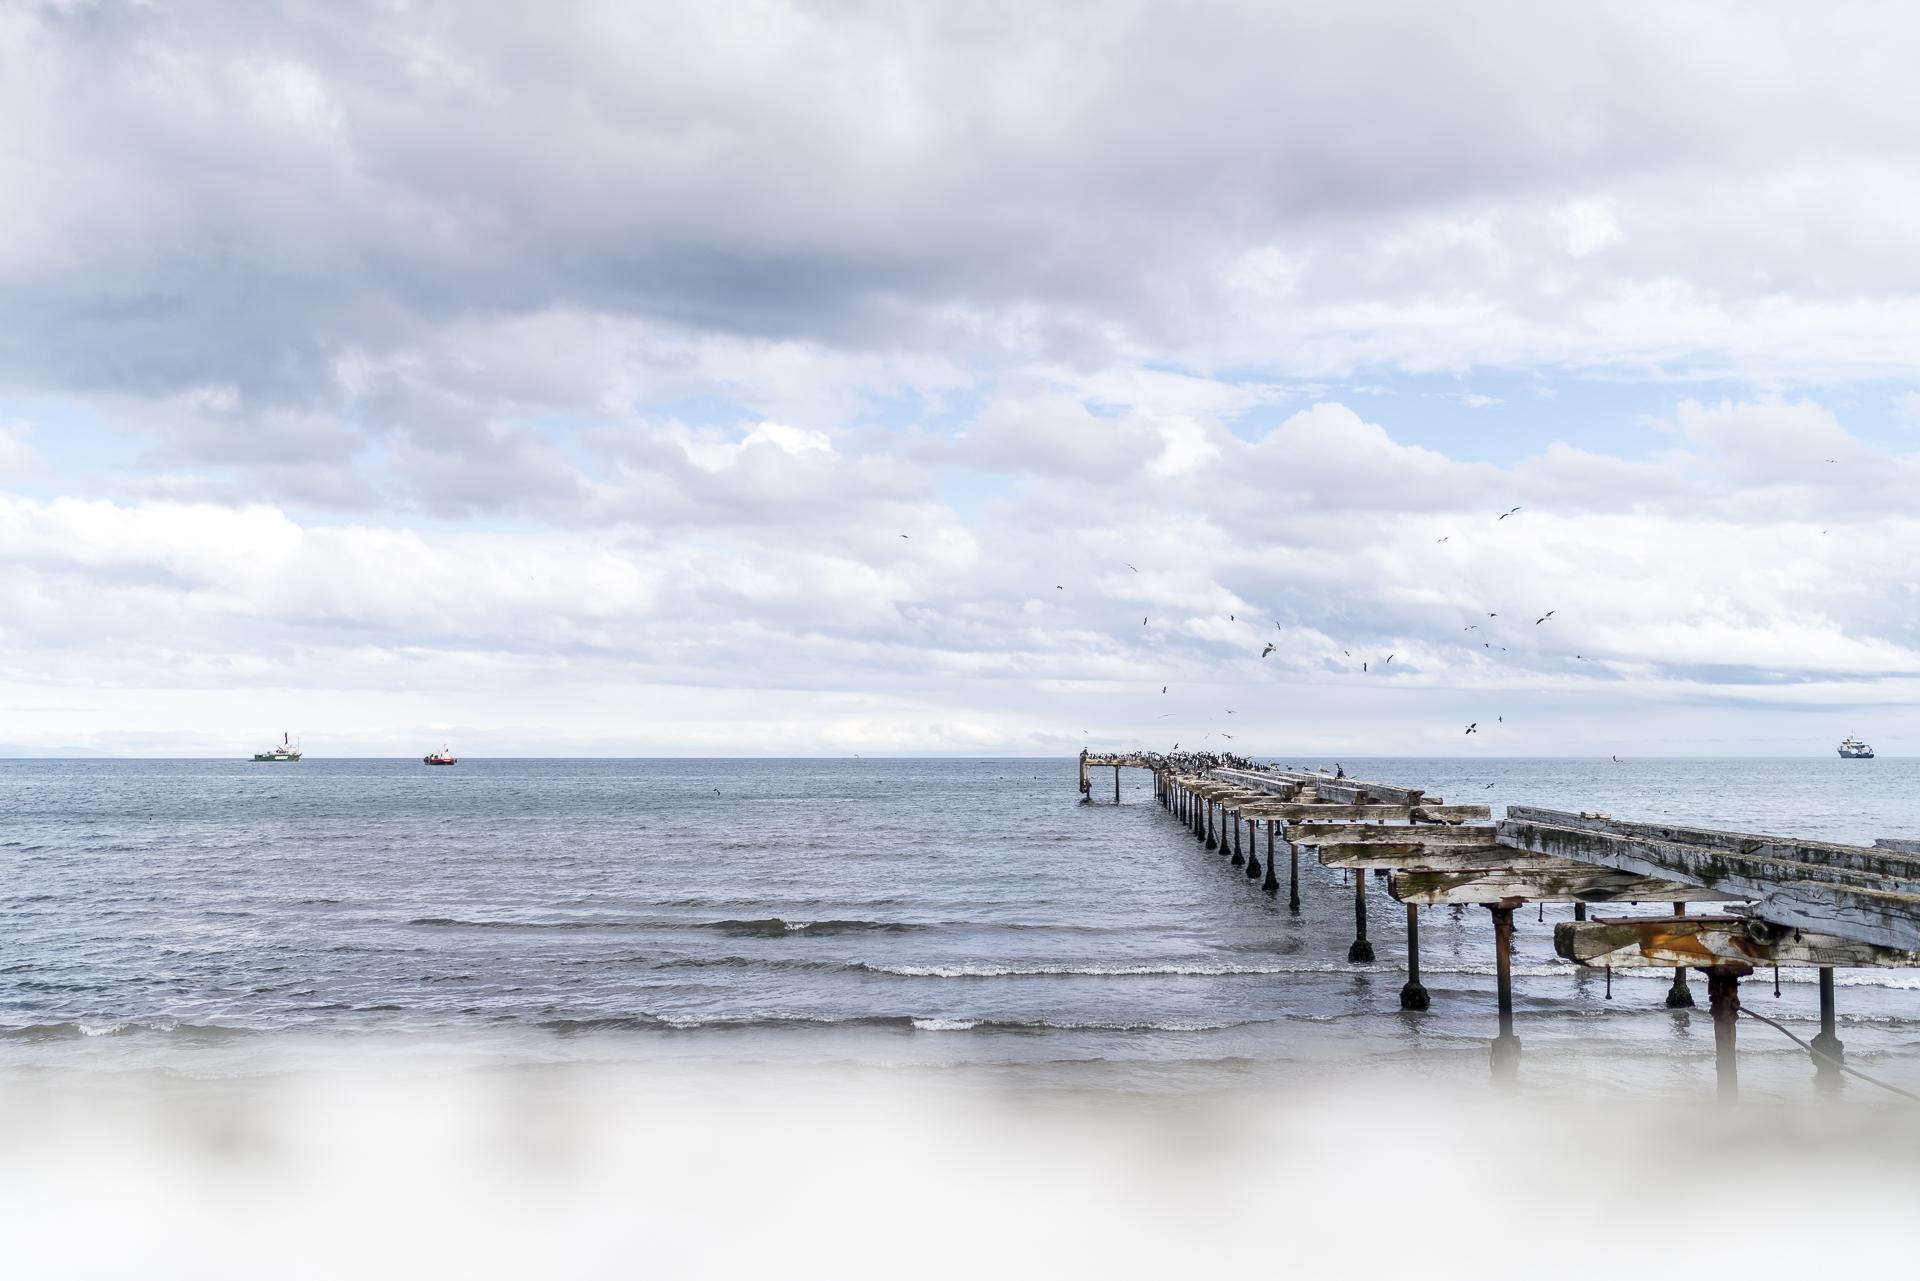 Punta Arenas Pier